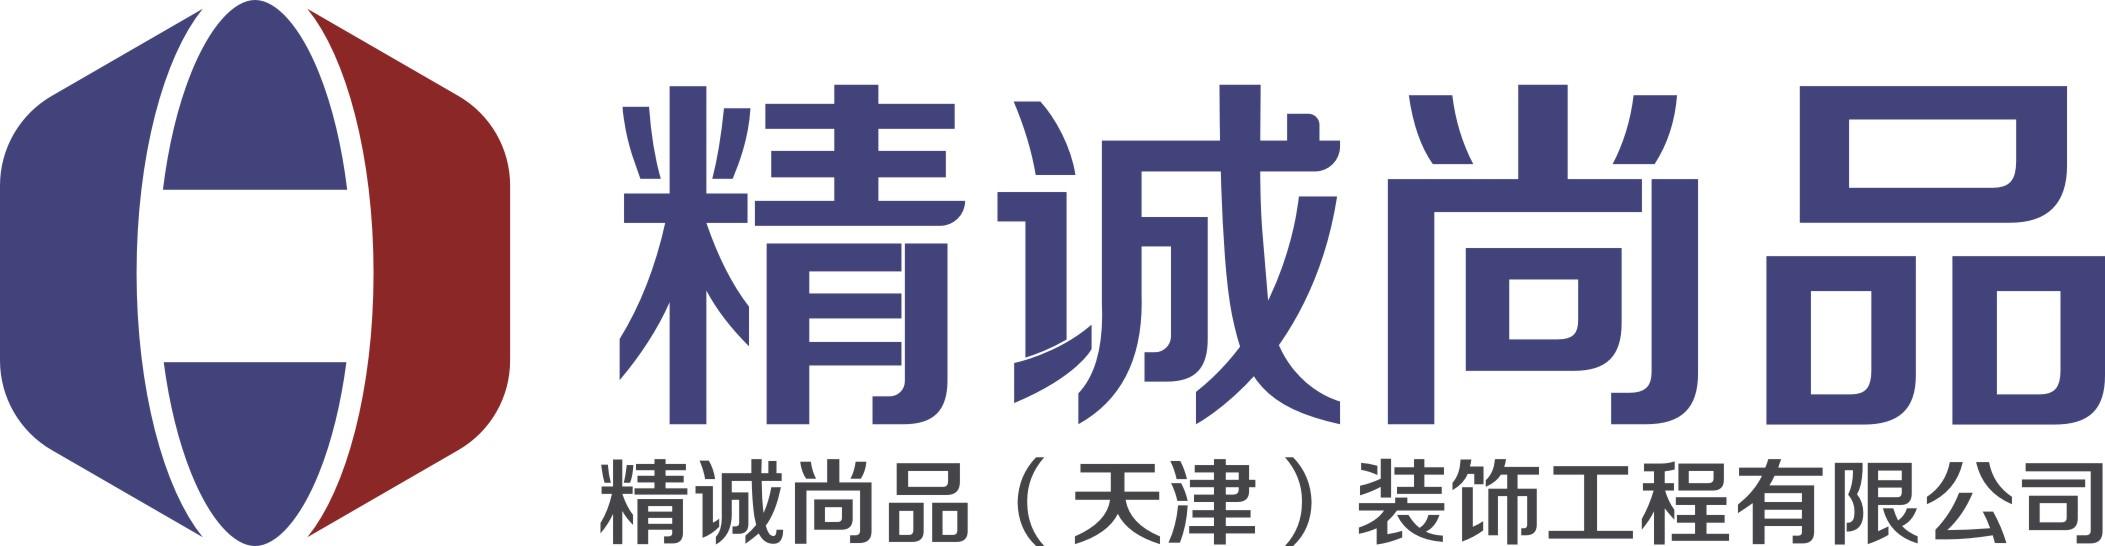 精诚尚品(天津)装饰工程有限公司